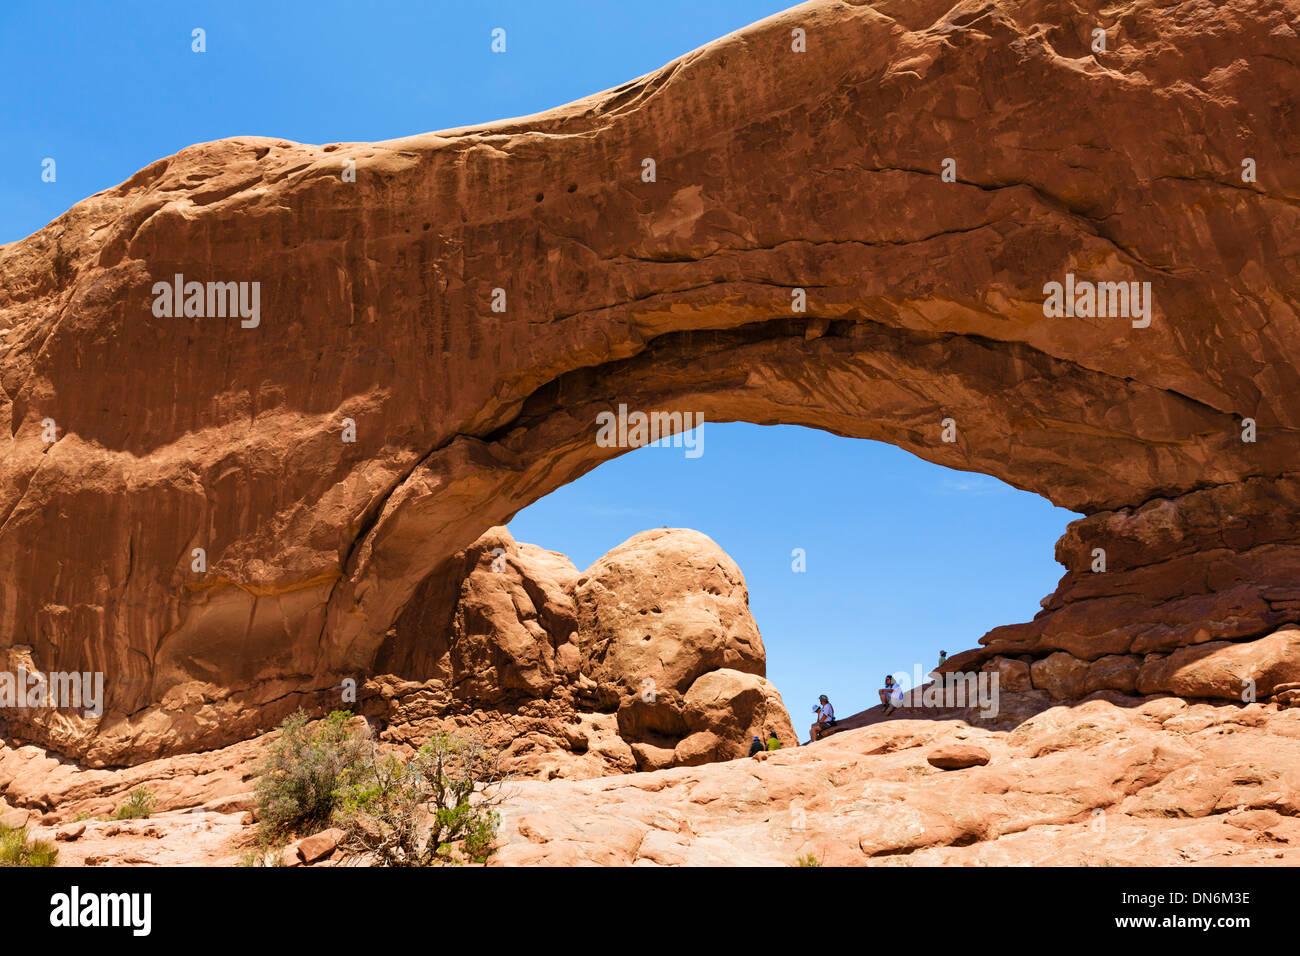 Turistas en la ventana Norte arch, la sección Windows, Parque Nacional Arches, en Utah, EE.UU. Imagen De Stock